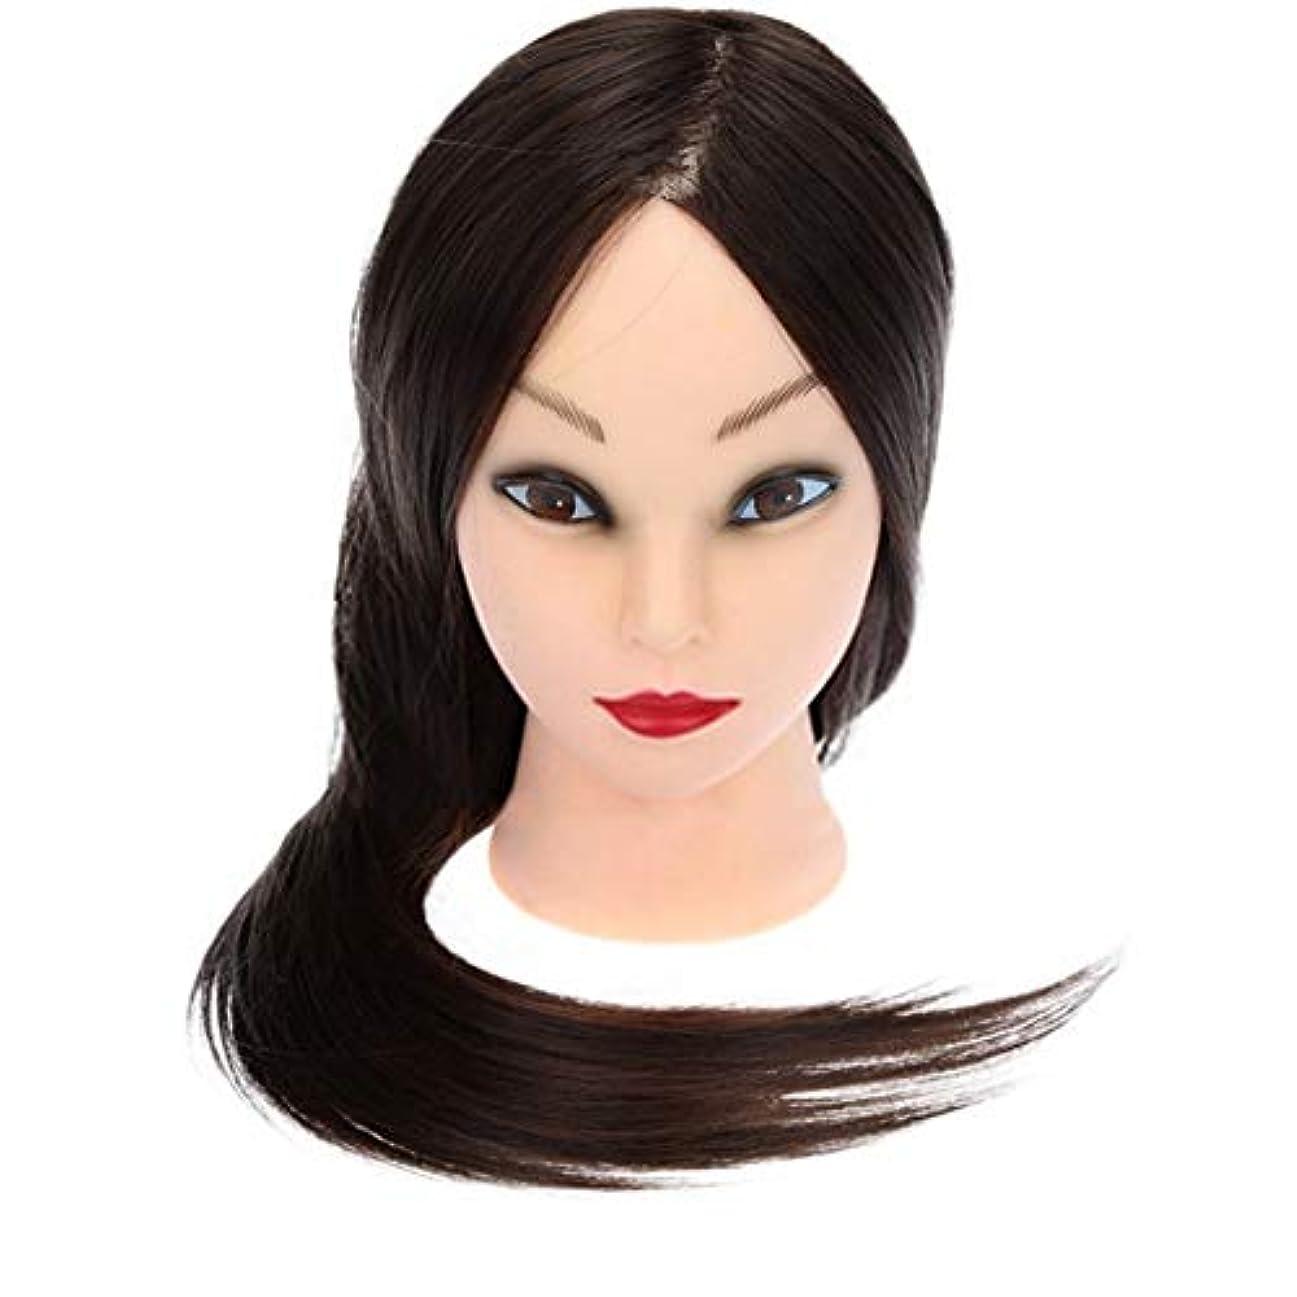 巨大な夜宮殿練習ディスク髪編組ヘアモデル理髪店スクールティーチングヘッドロングかつら美容マネキンヘッド